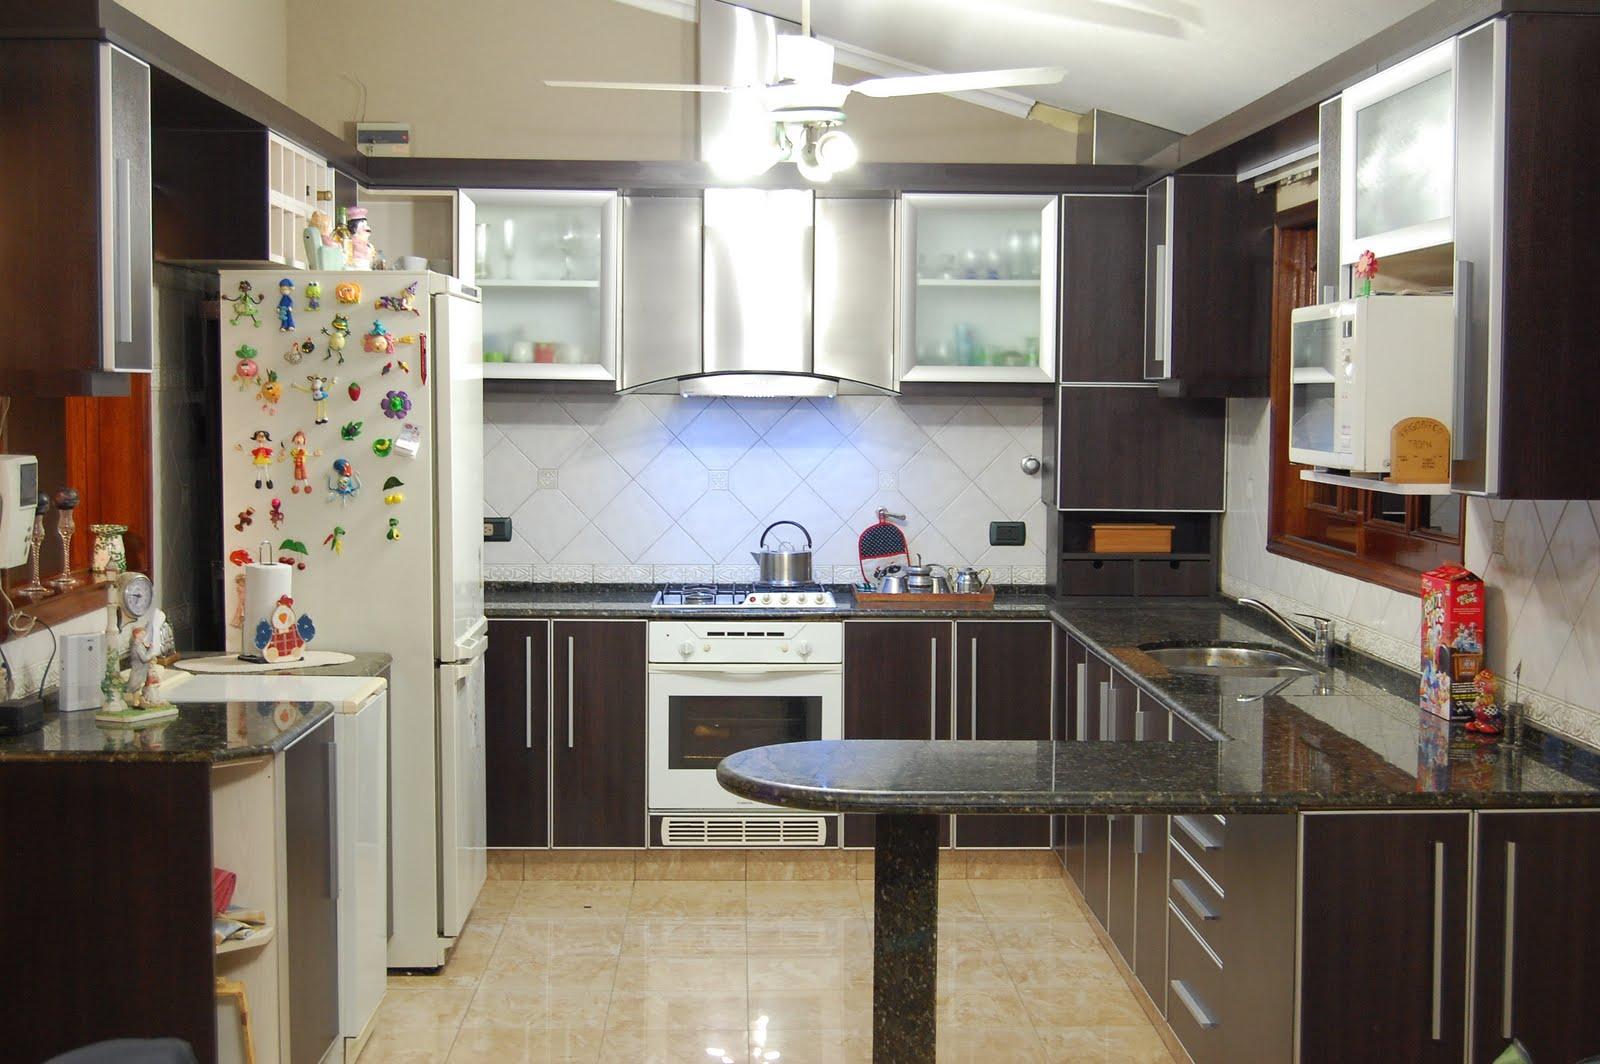 Fotos de muebles de cocina de roble for Imagenes de muebles de cocina